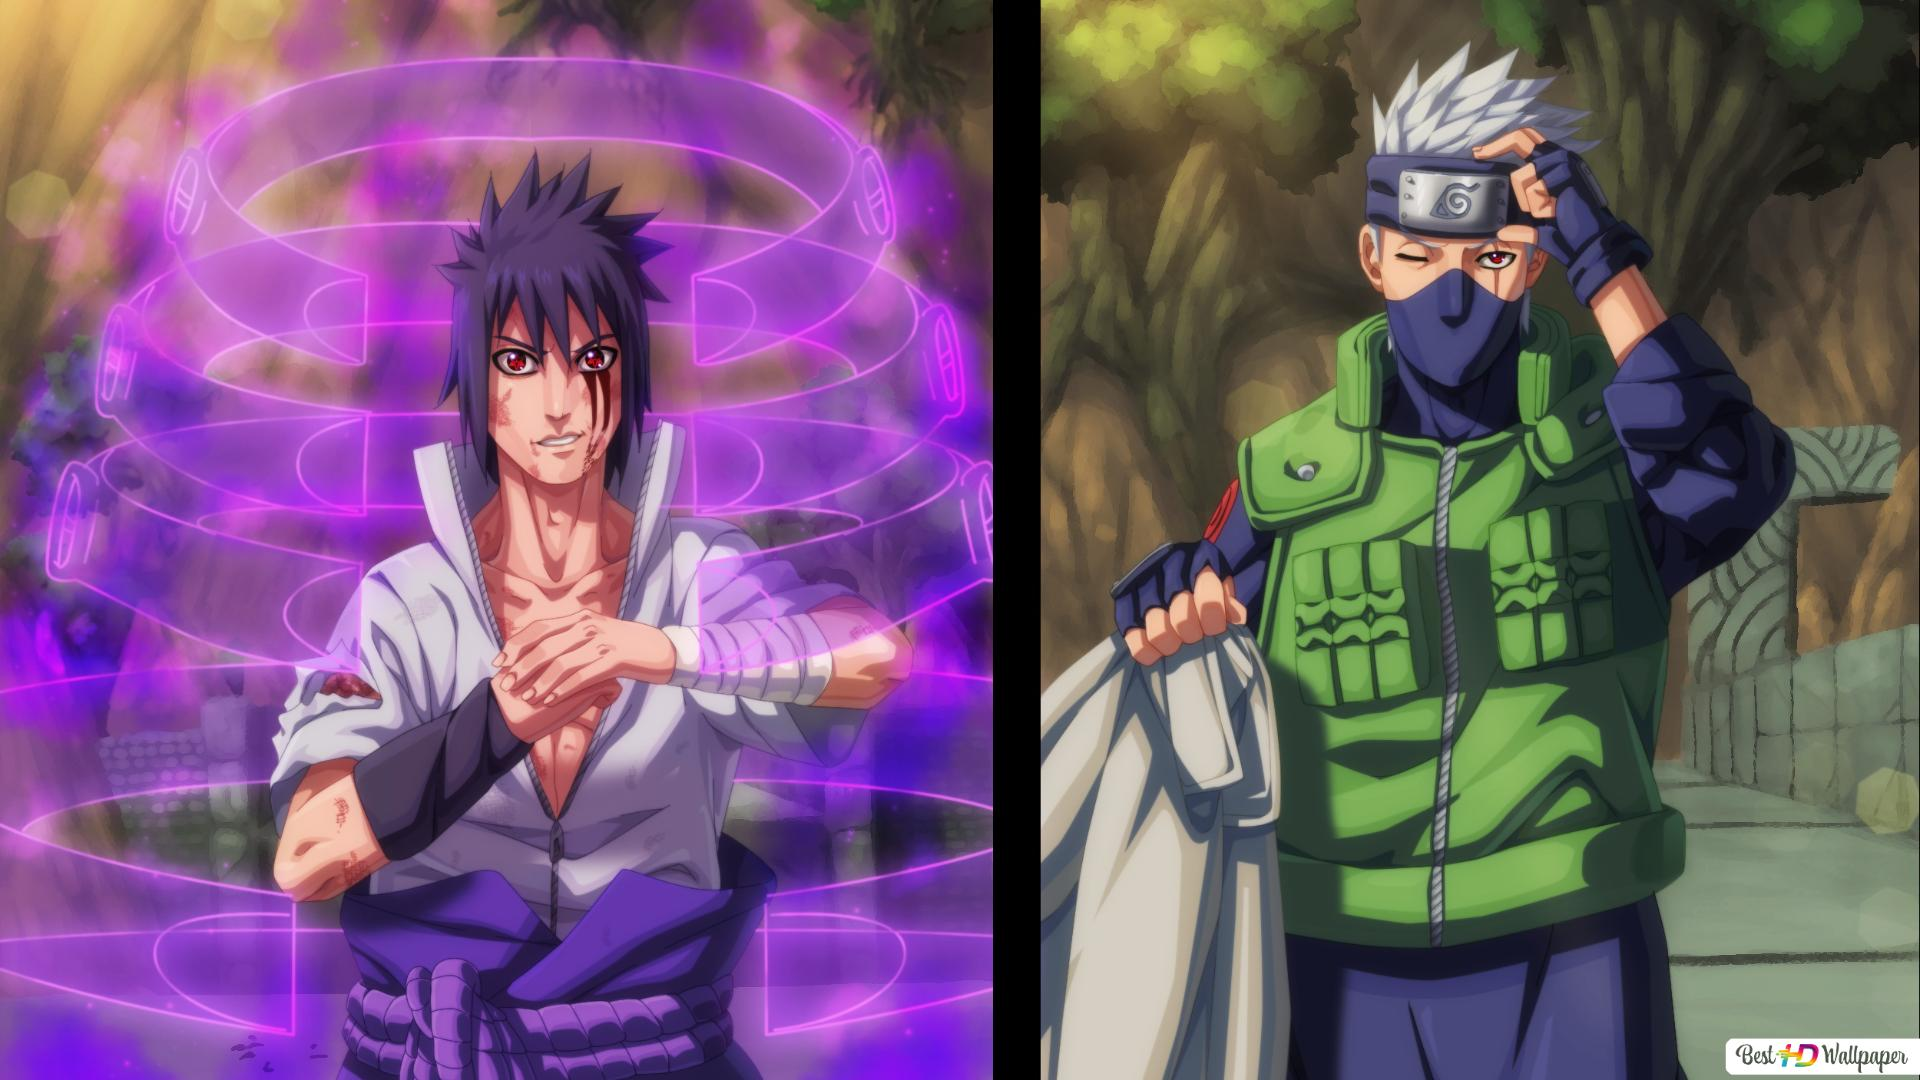 Naruto Shippuden Sasuke Vs Kakashi Hd Wallpaper Download